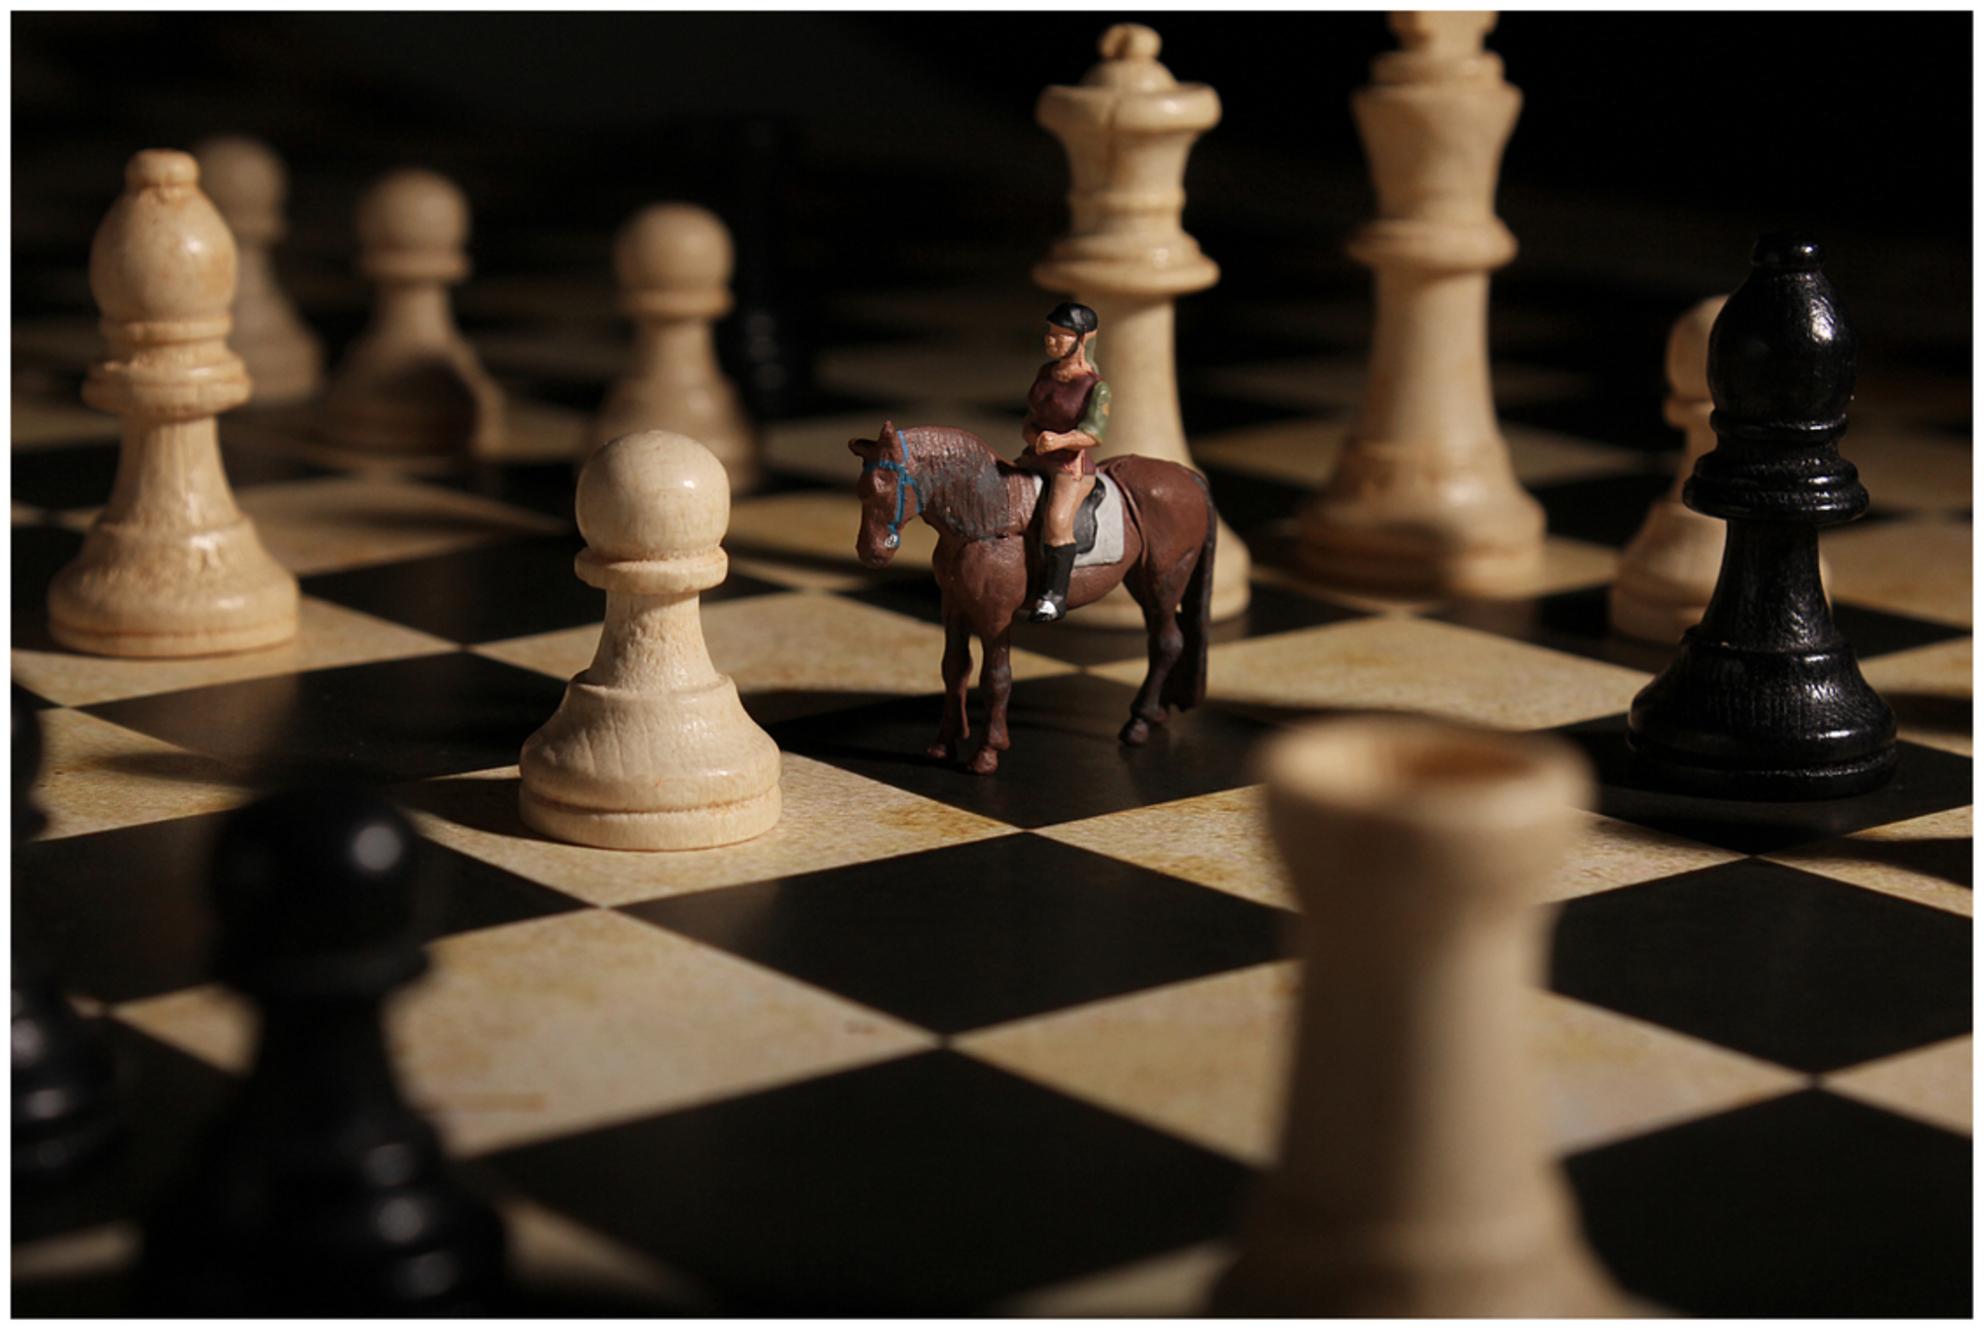 """paard naar E6 - in de categorie """"sport en spel""""... - foto door remkokillaars op 23-11-2012 - deze foto bevat: miniatuur, sport, paard, toren, spel, mini, schaak, schaken, denksport, modelspoor, loper, figuurtjes, preiser"""